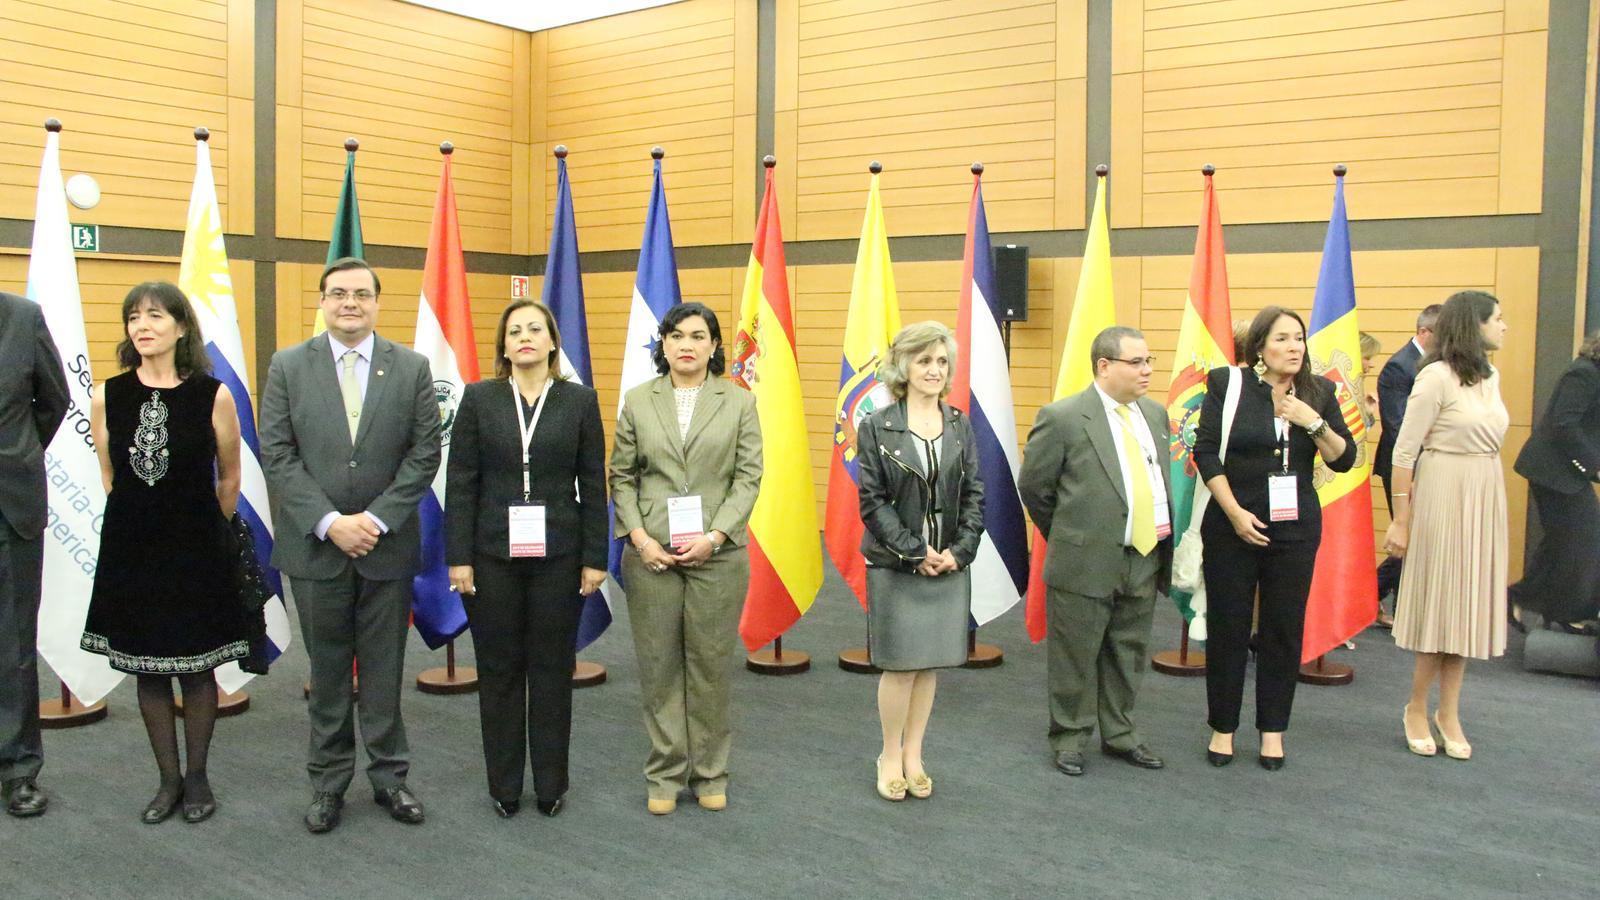 Representants del països presents. / C.A. (ANA)